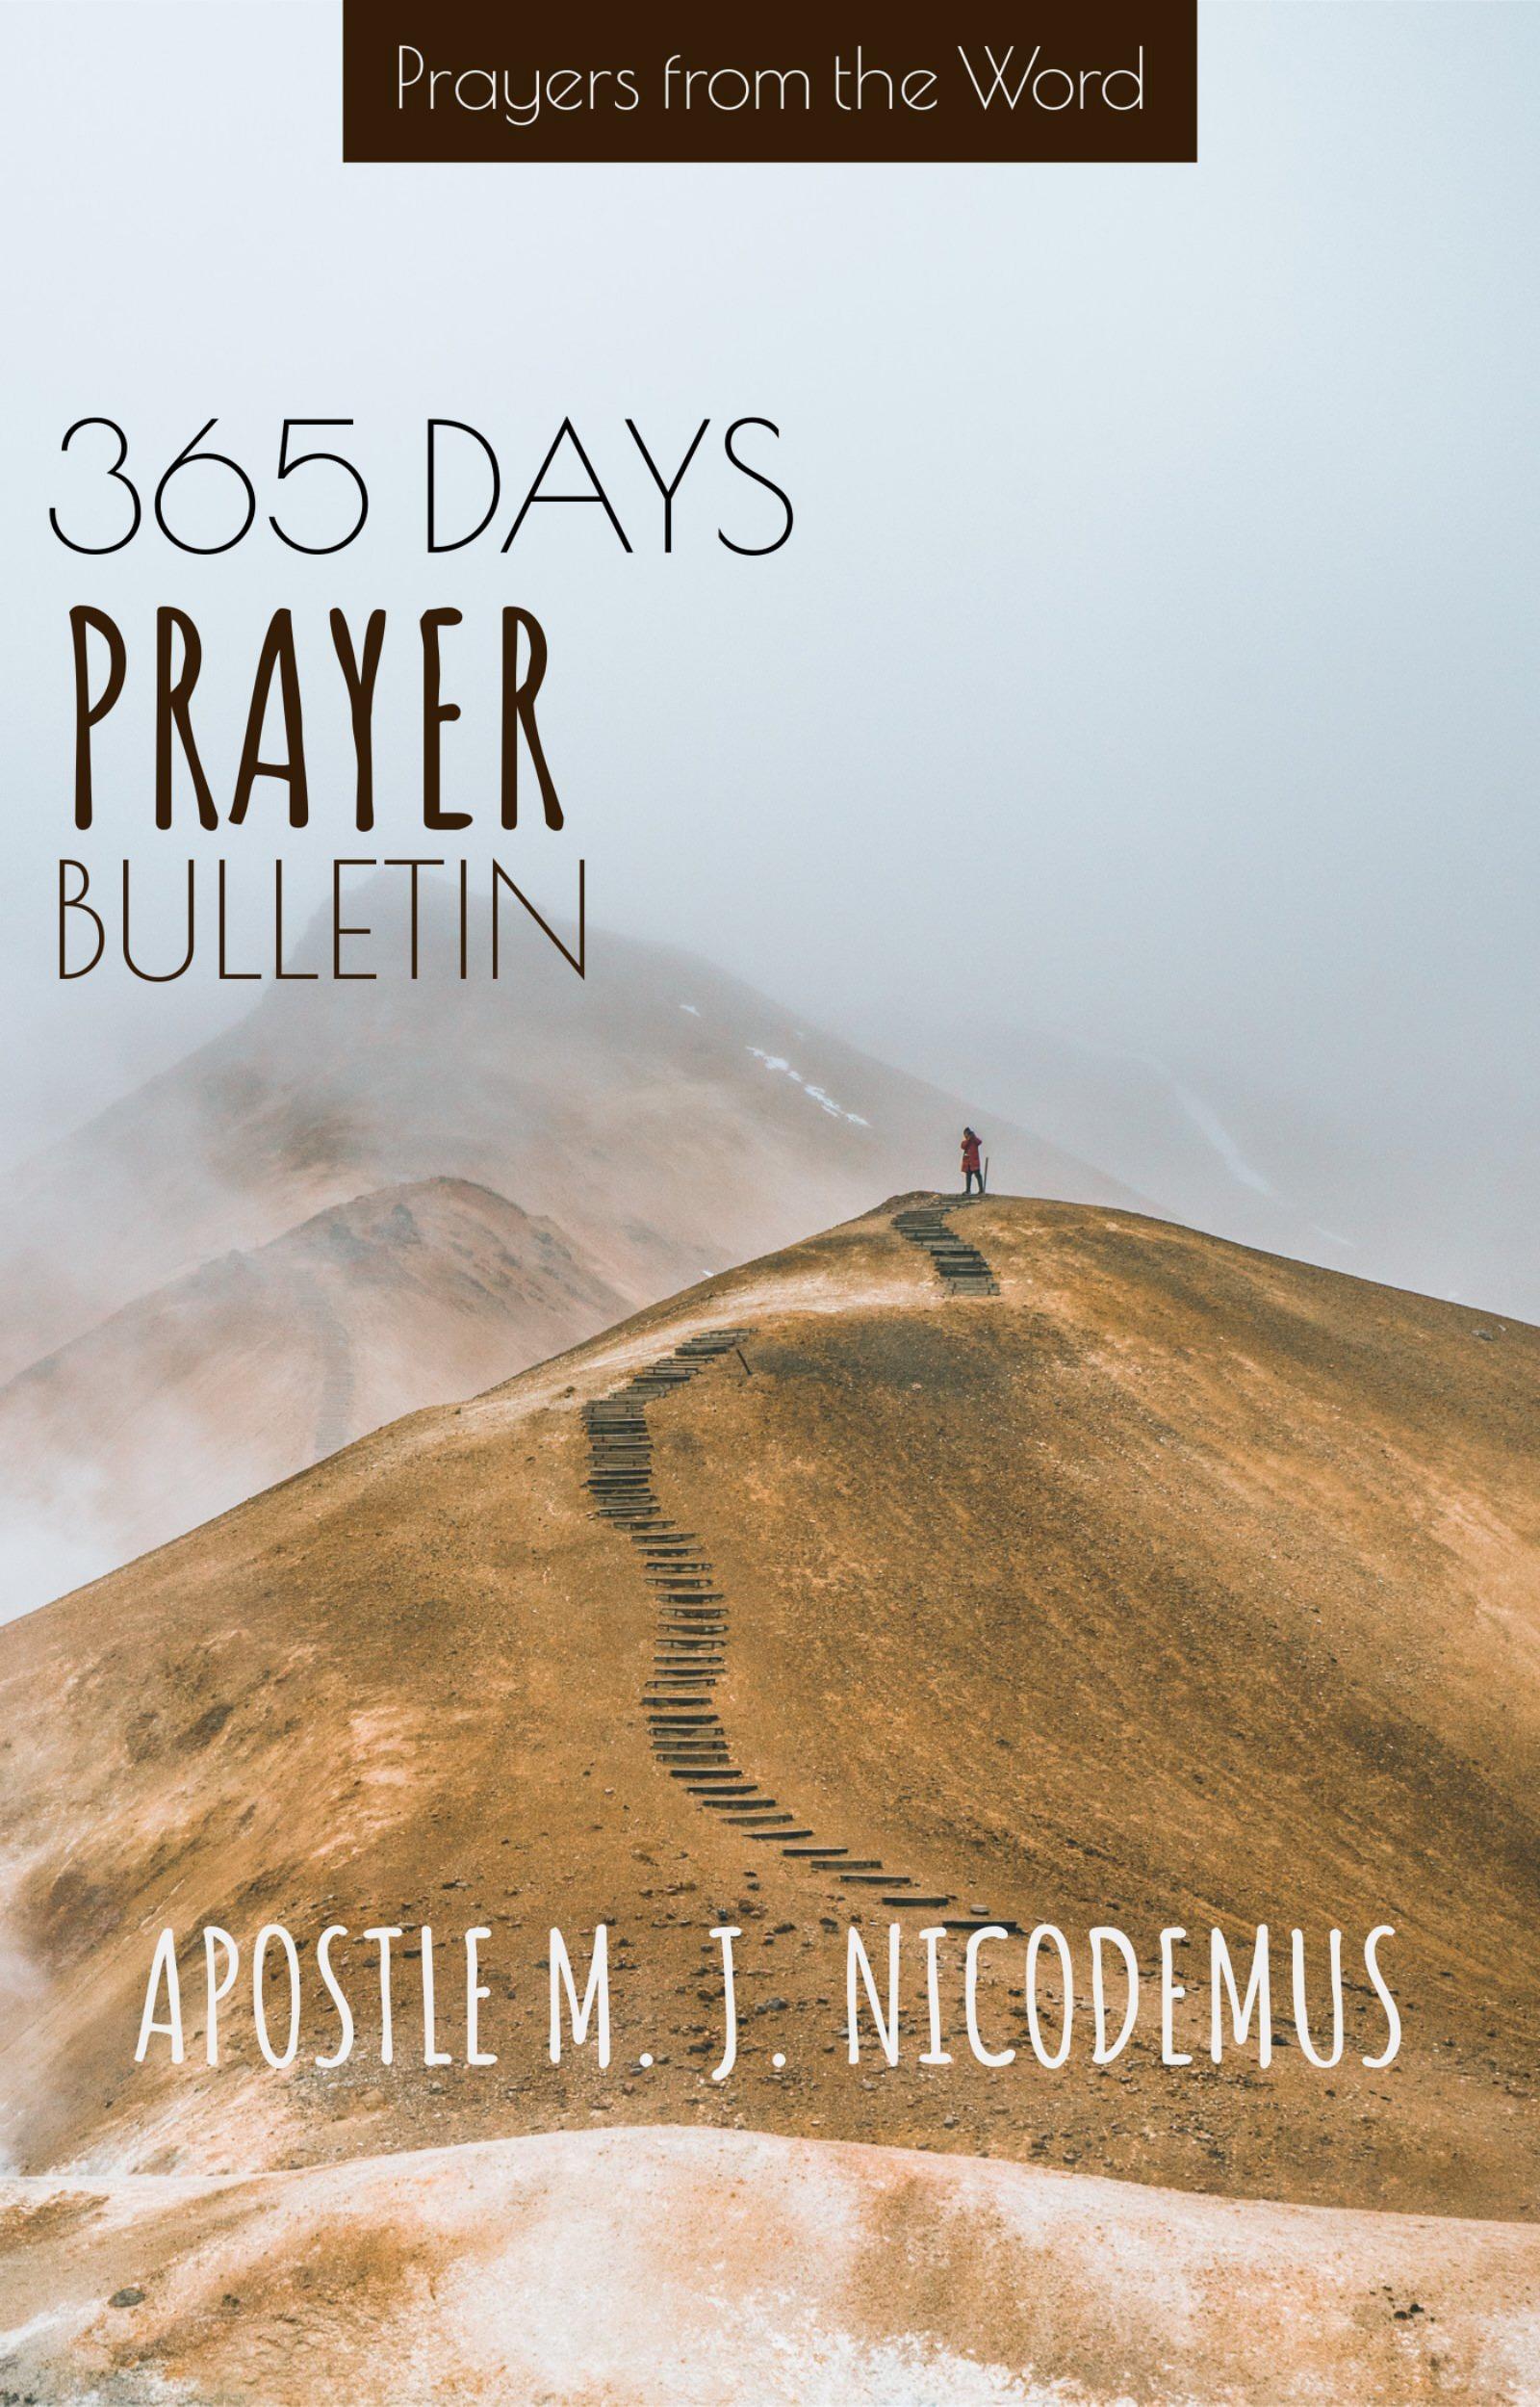 365 DAYS PRAYER BULLETIN